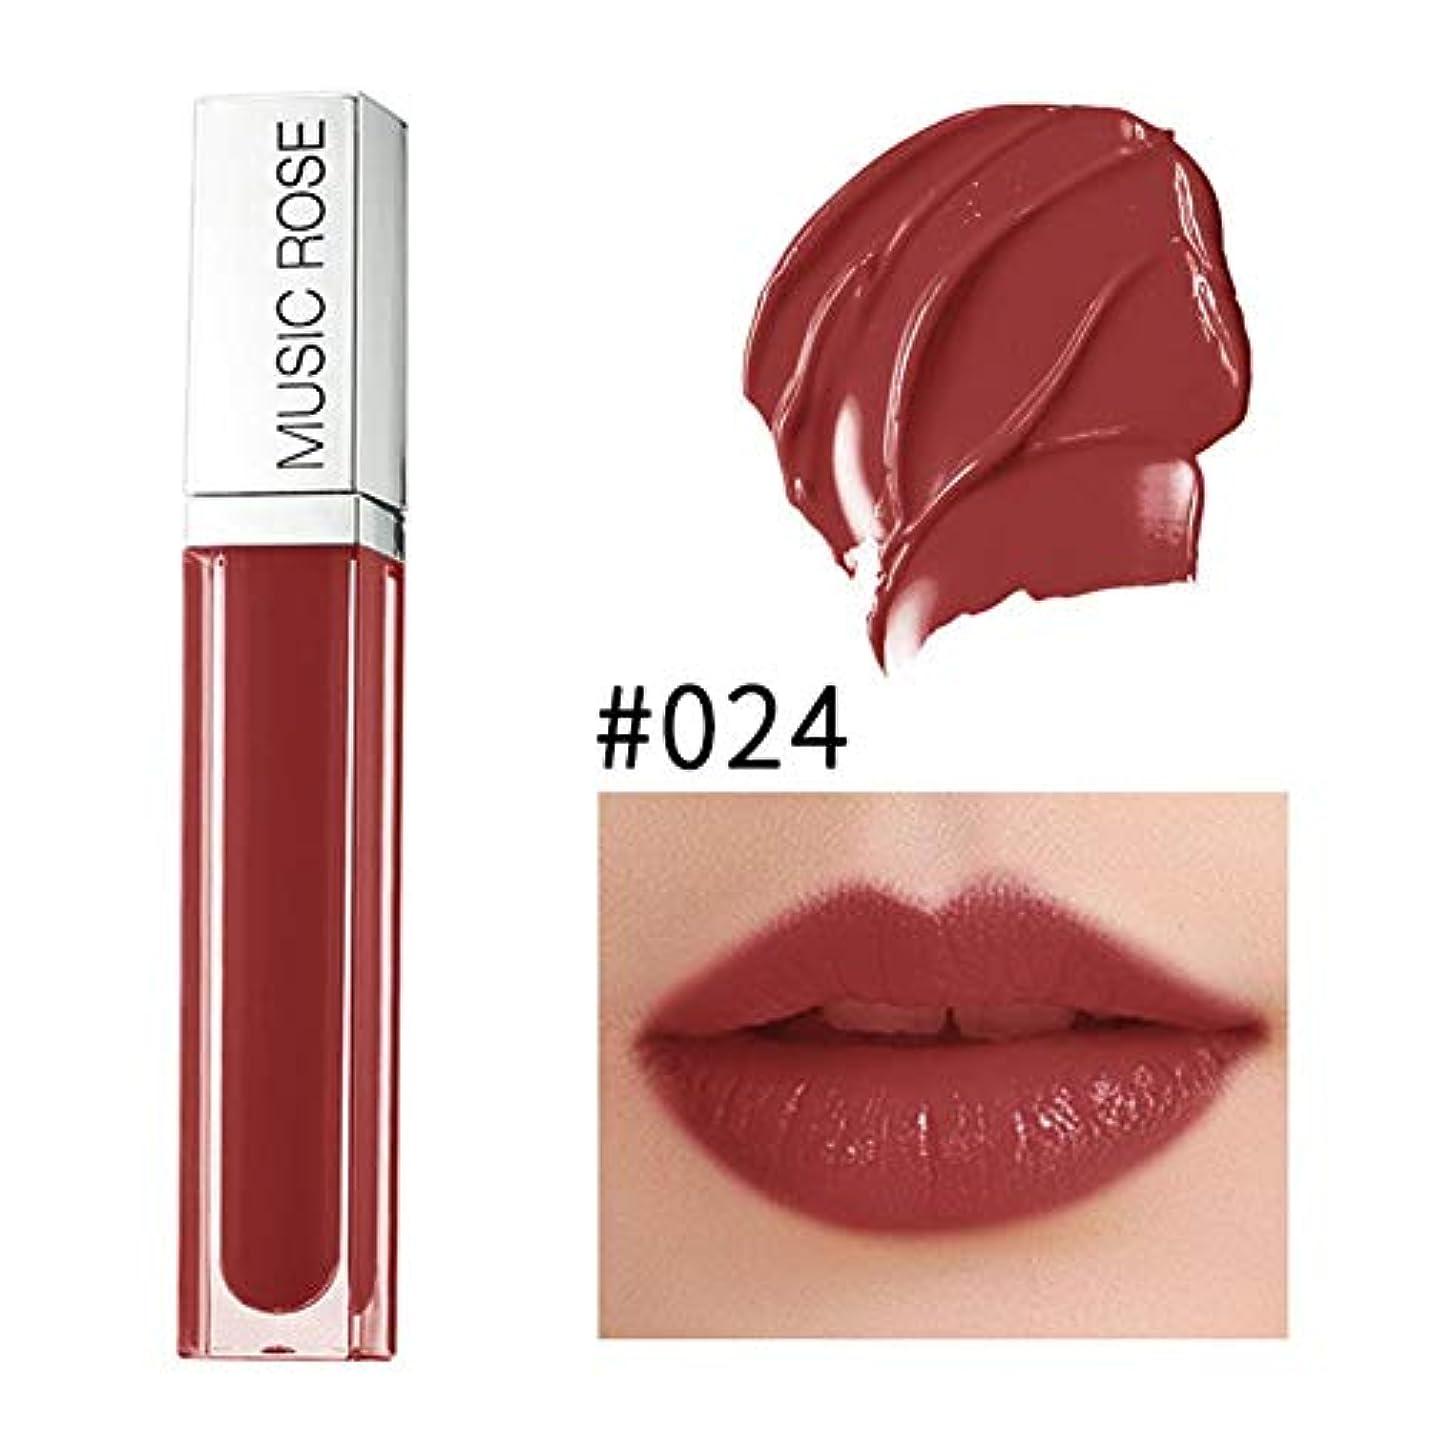 ワーディアンケースブランド名創傷マットリップグレーズ、口紅、化粧品、ラウンド、便利、丈夫、保湿、保護、唇の美しさ、多色